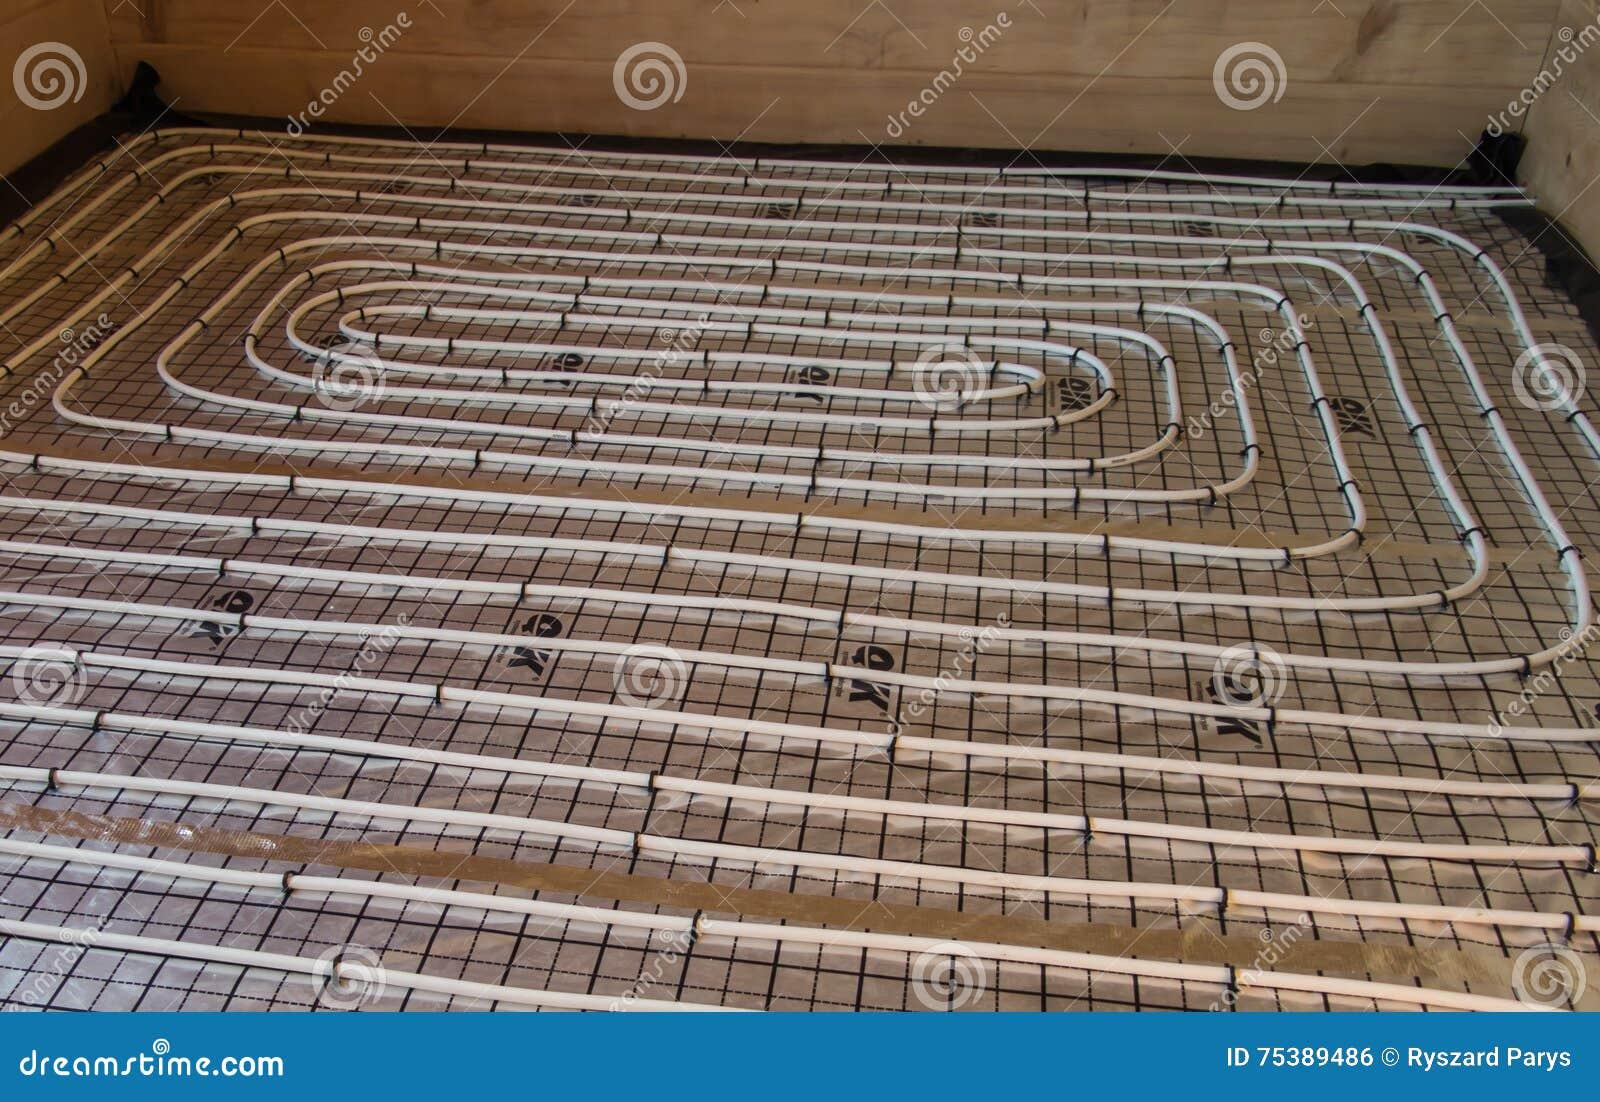 Riscaldamento A Pavimento Tubi diffusione dei tubi del riscaldamento a pavimento sul